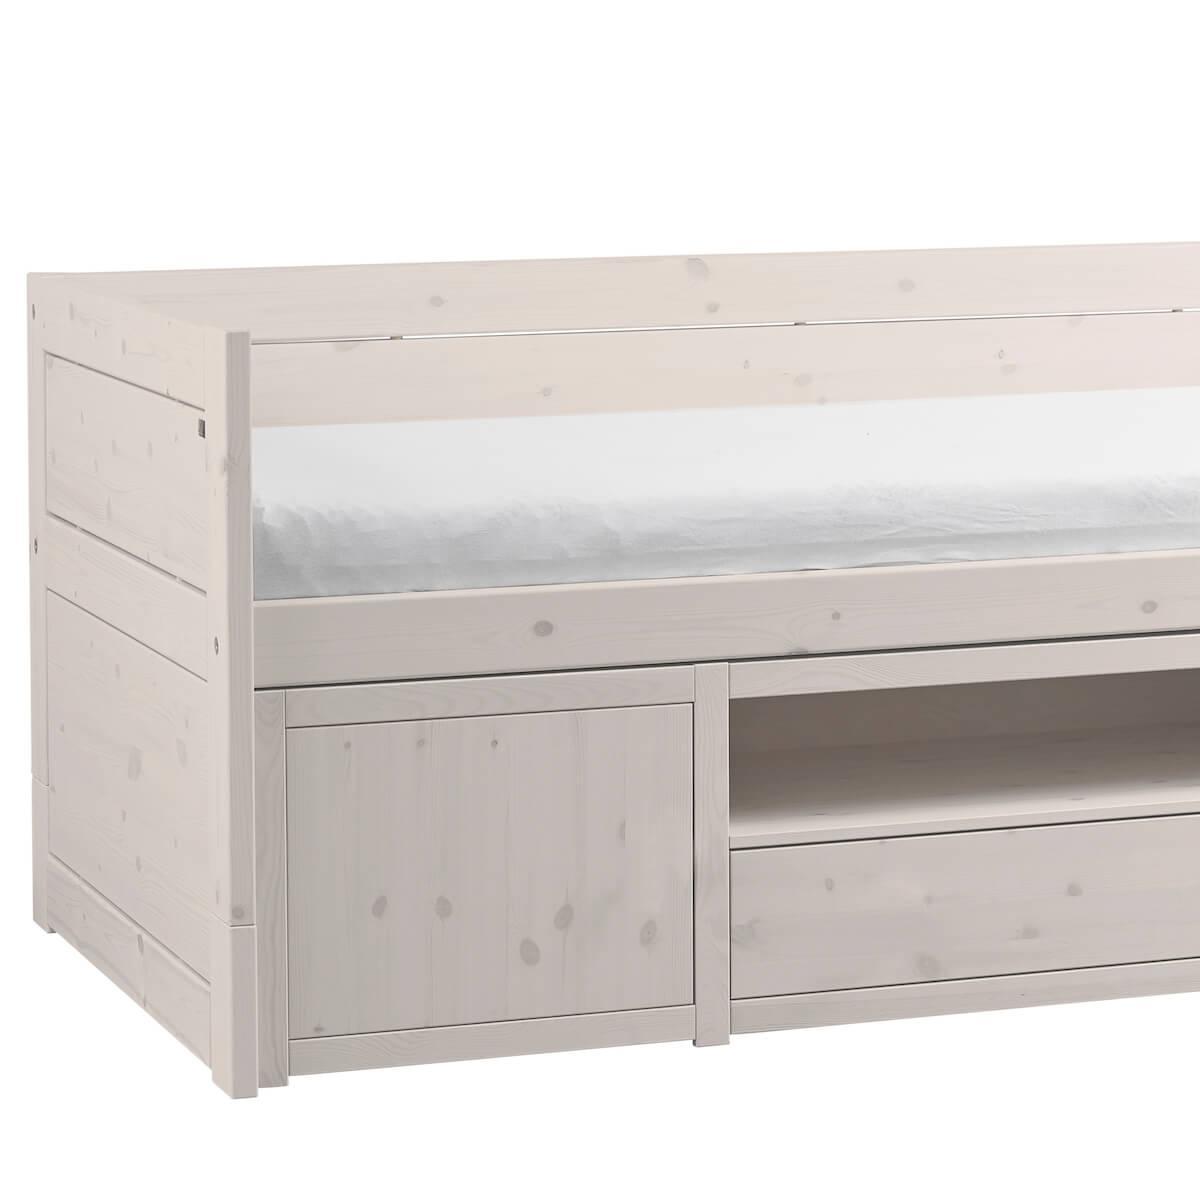 Kojenbett mit Aufbewahrungsschubladen 200x90cm Lifetime whitewash